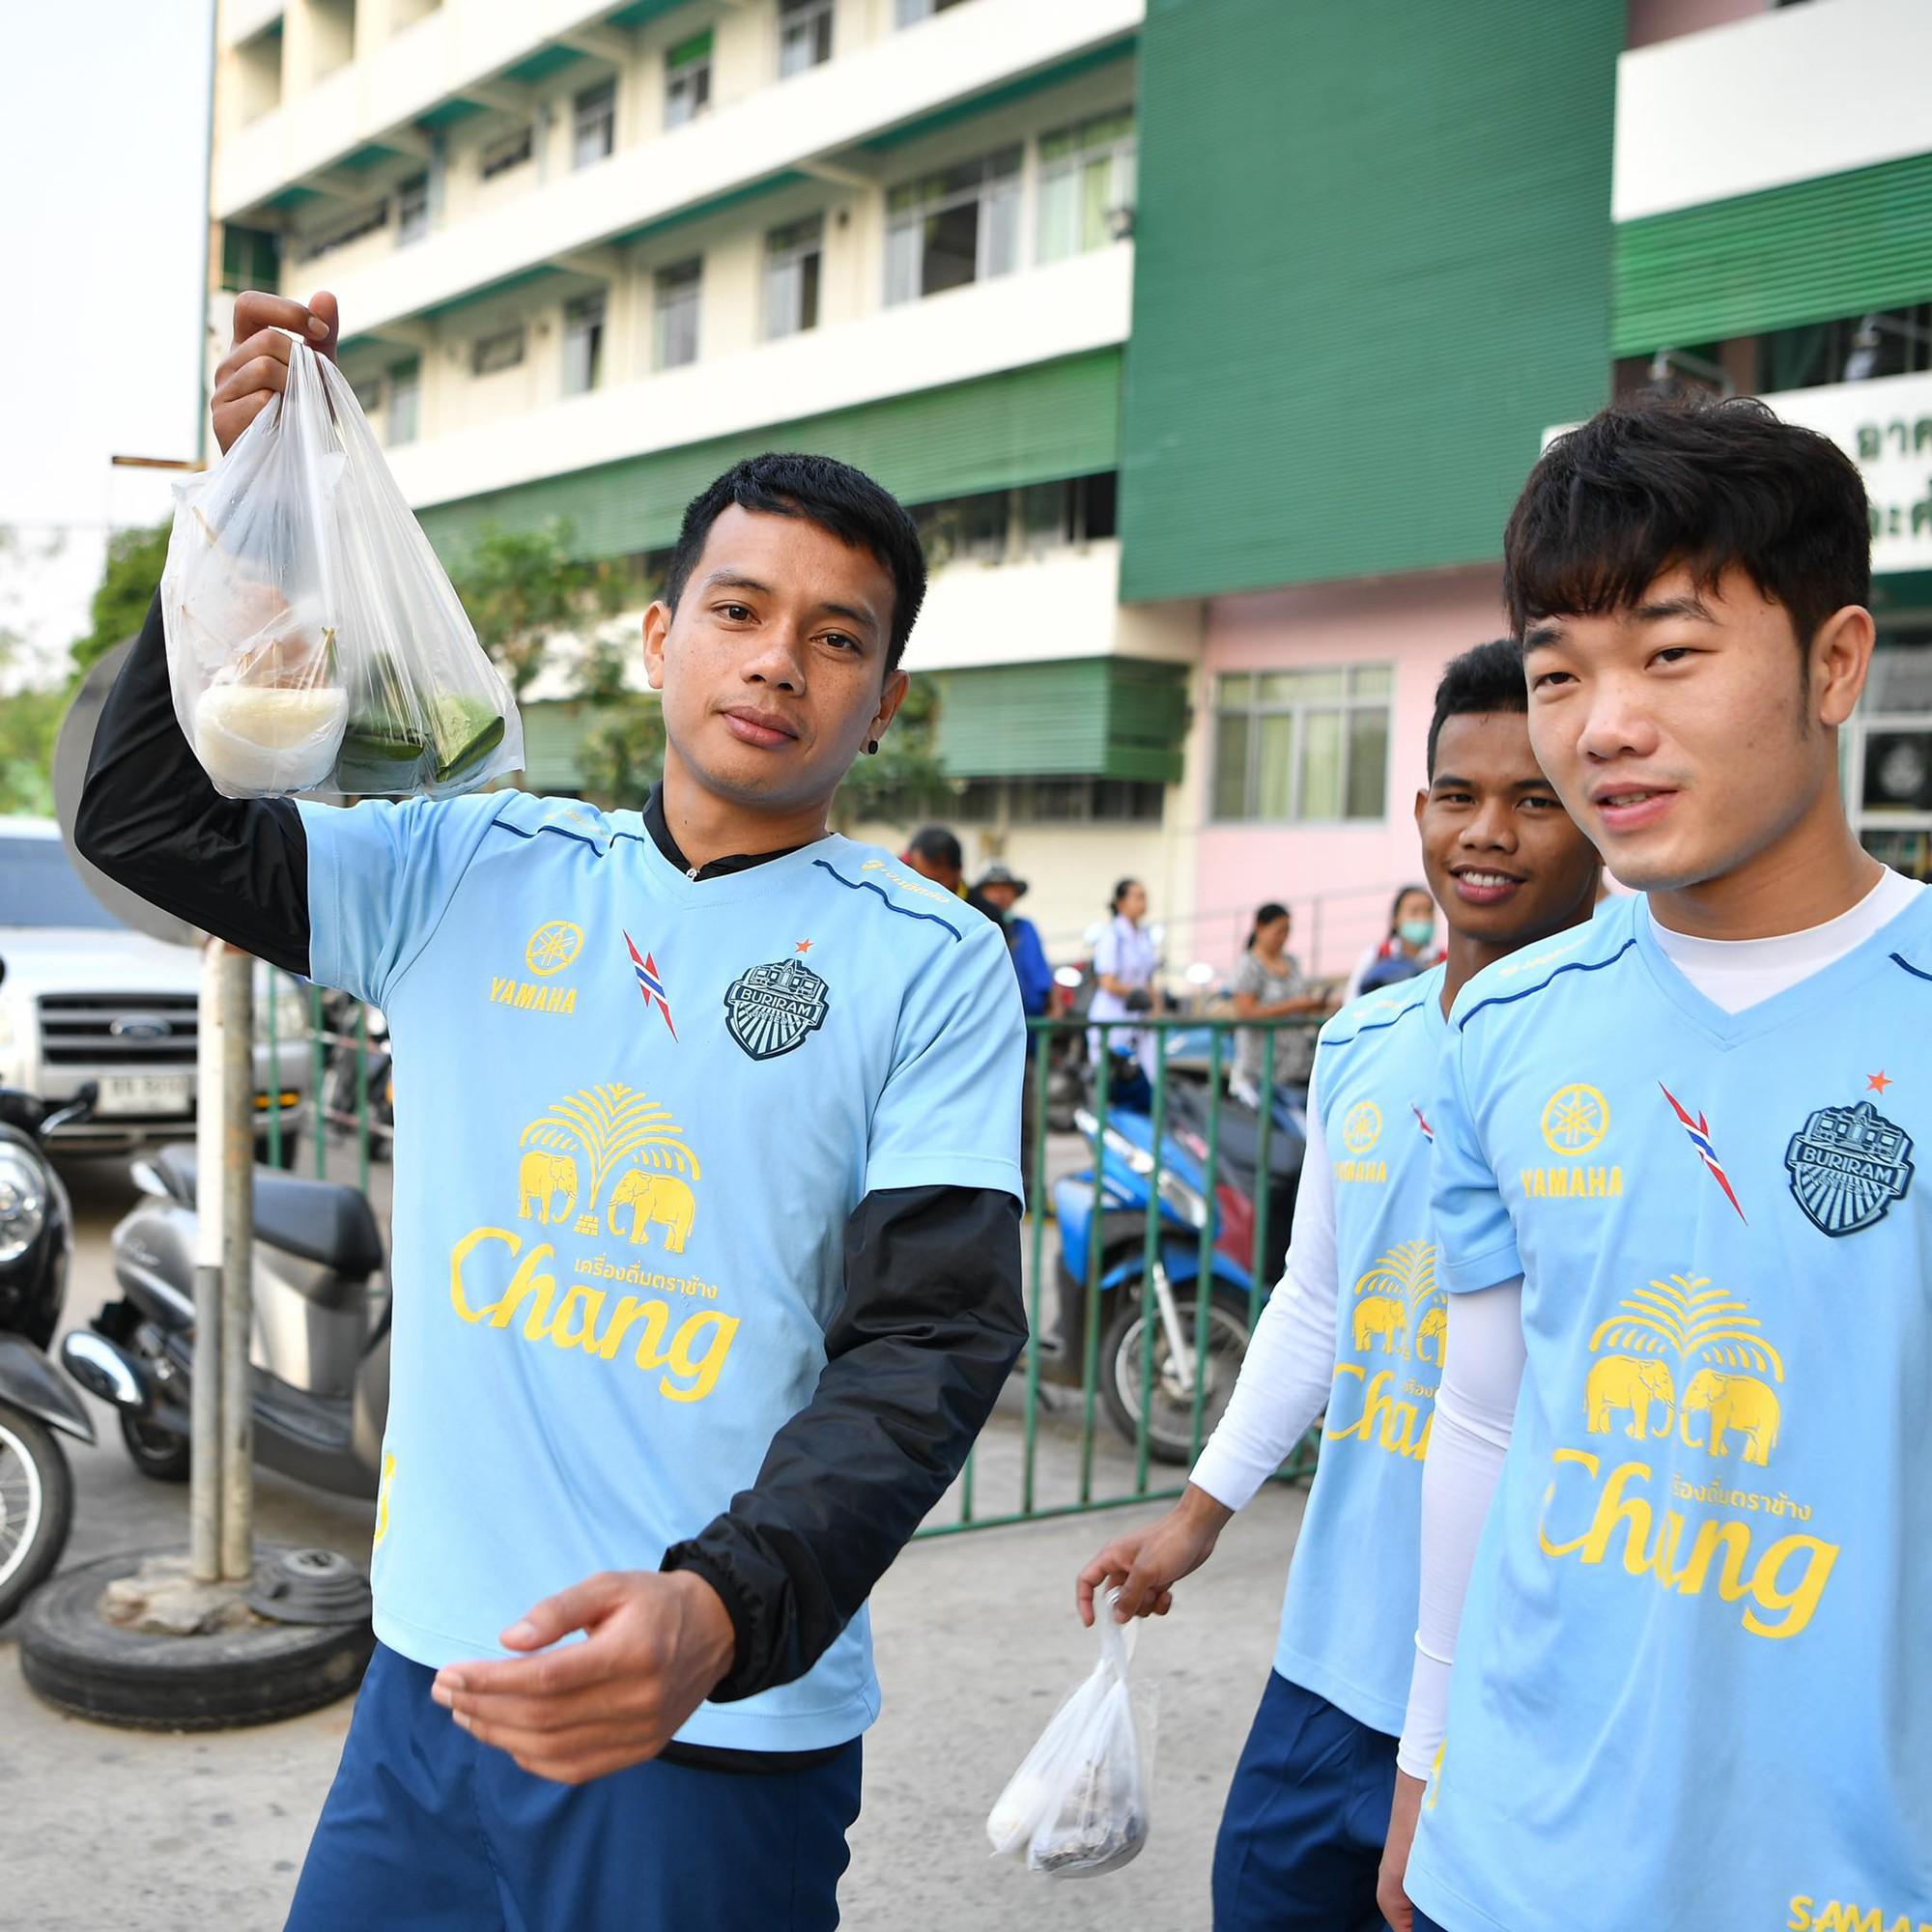 Xuân Trường tươi rói khi cùng đồng đội ngồi lề đường, ăn cơm nắm ở Thái Lan - Ảnh 2.